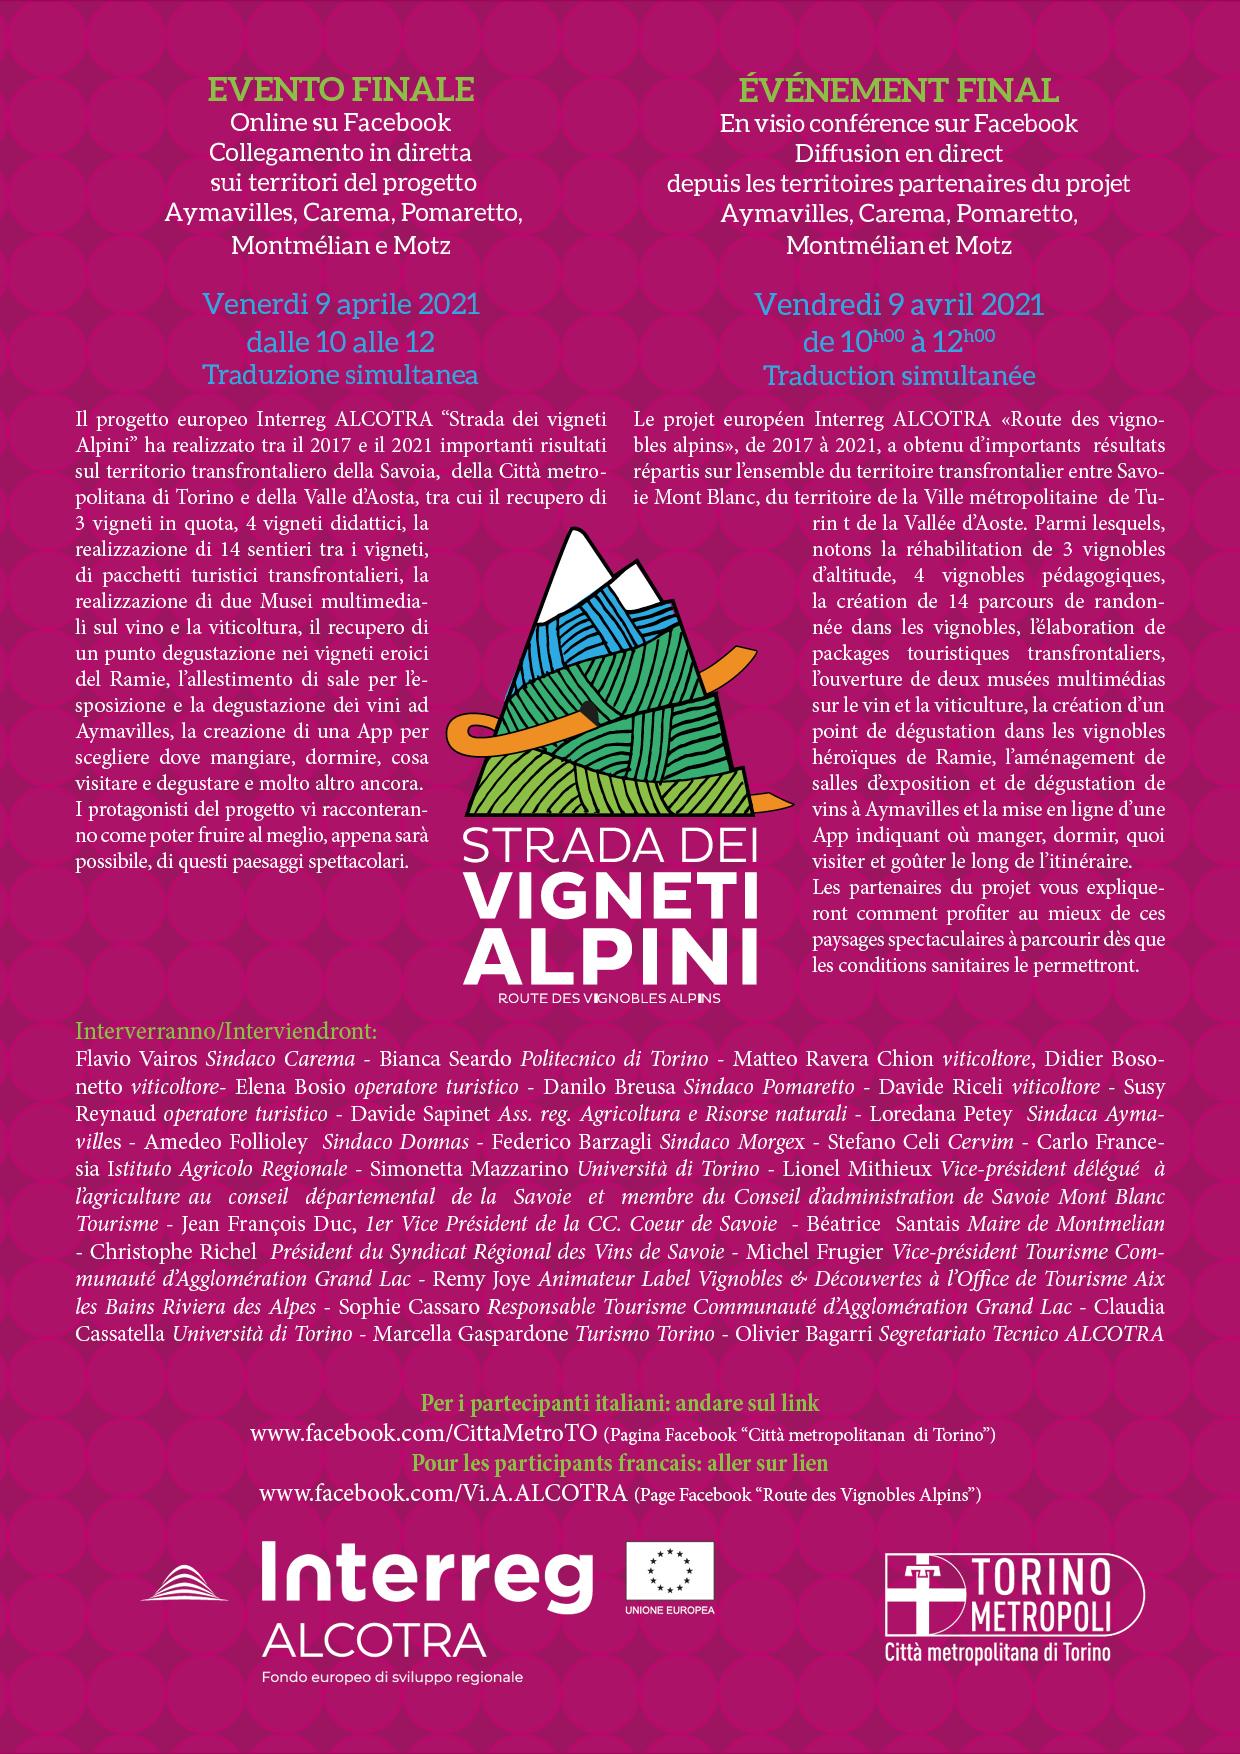 Strada vigneti alpini -  evento conclusivo